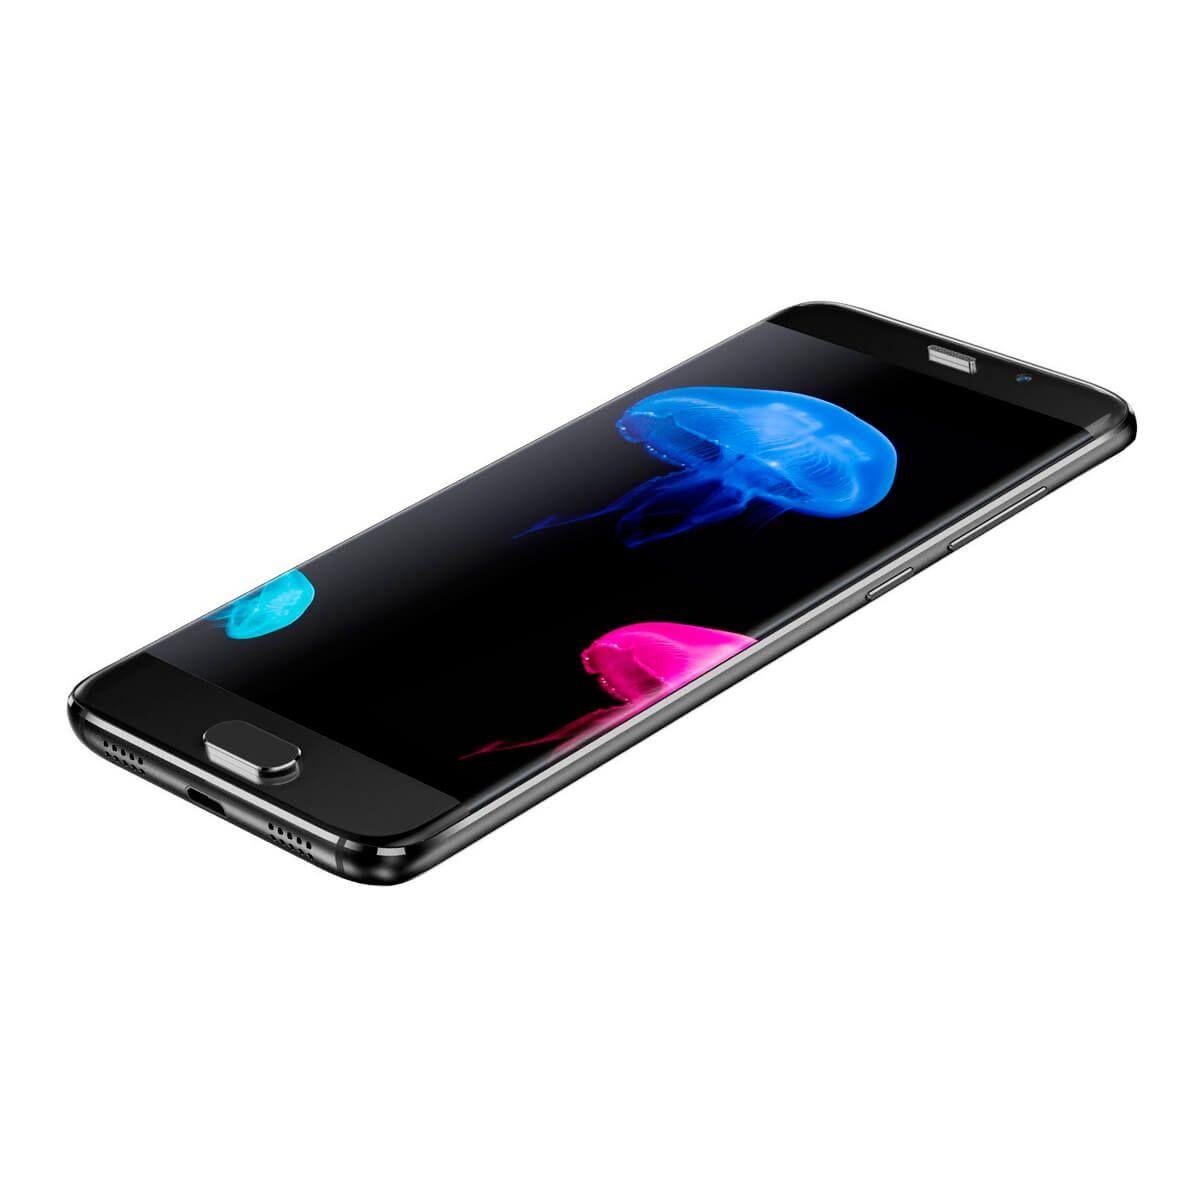 comprar elephone s7 amazon